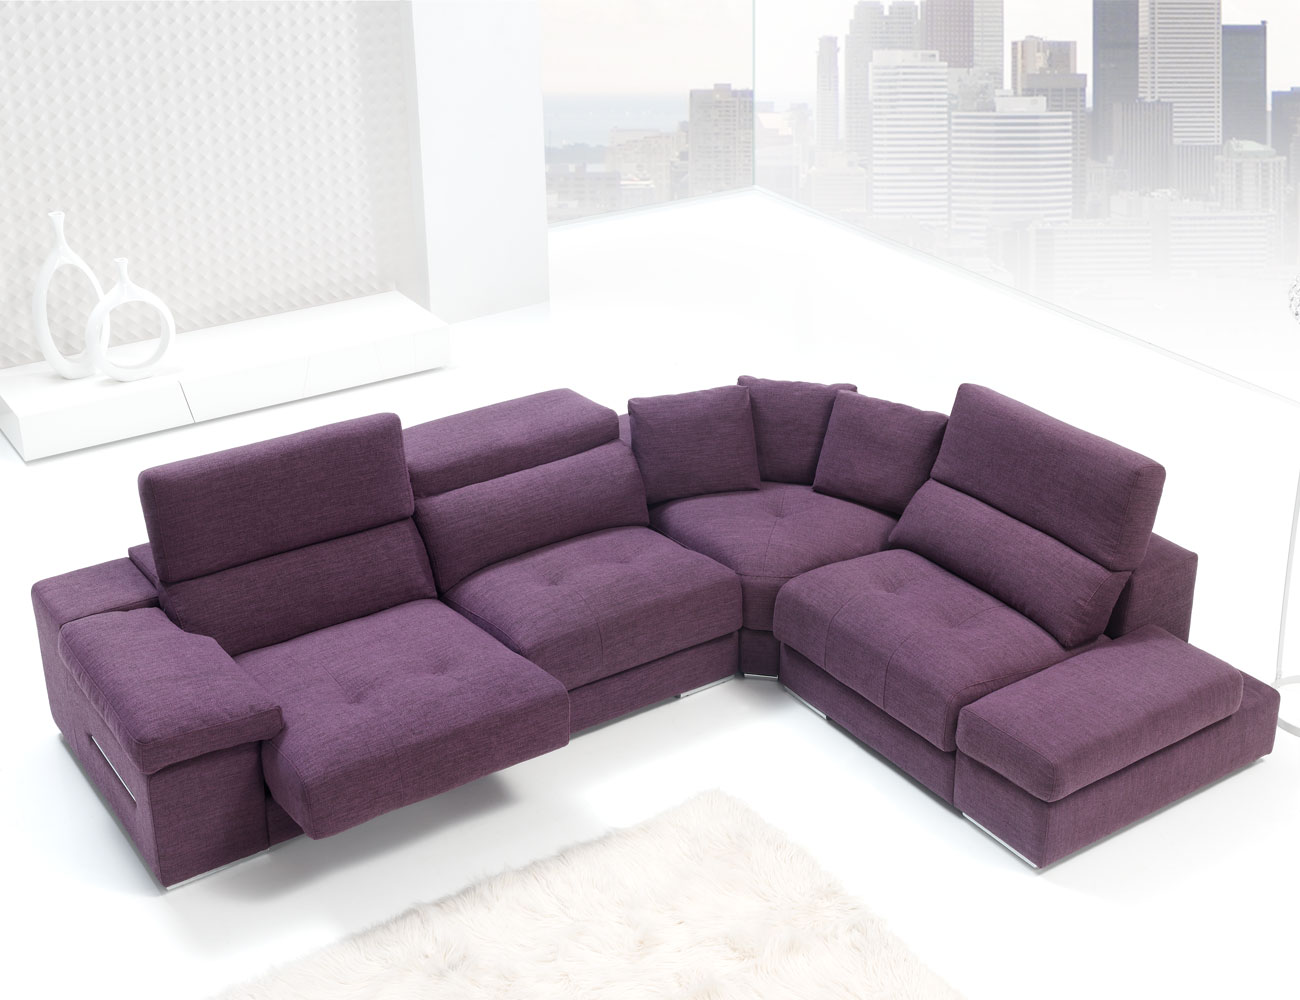 Sofa chaiselongue rincon con brazo mecanico tejido anti manchas 262